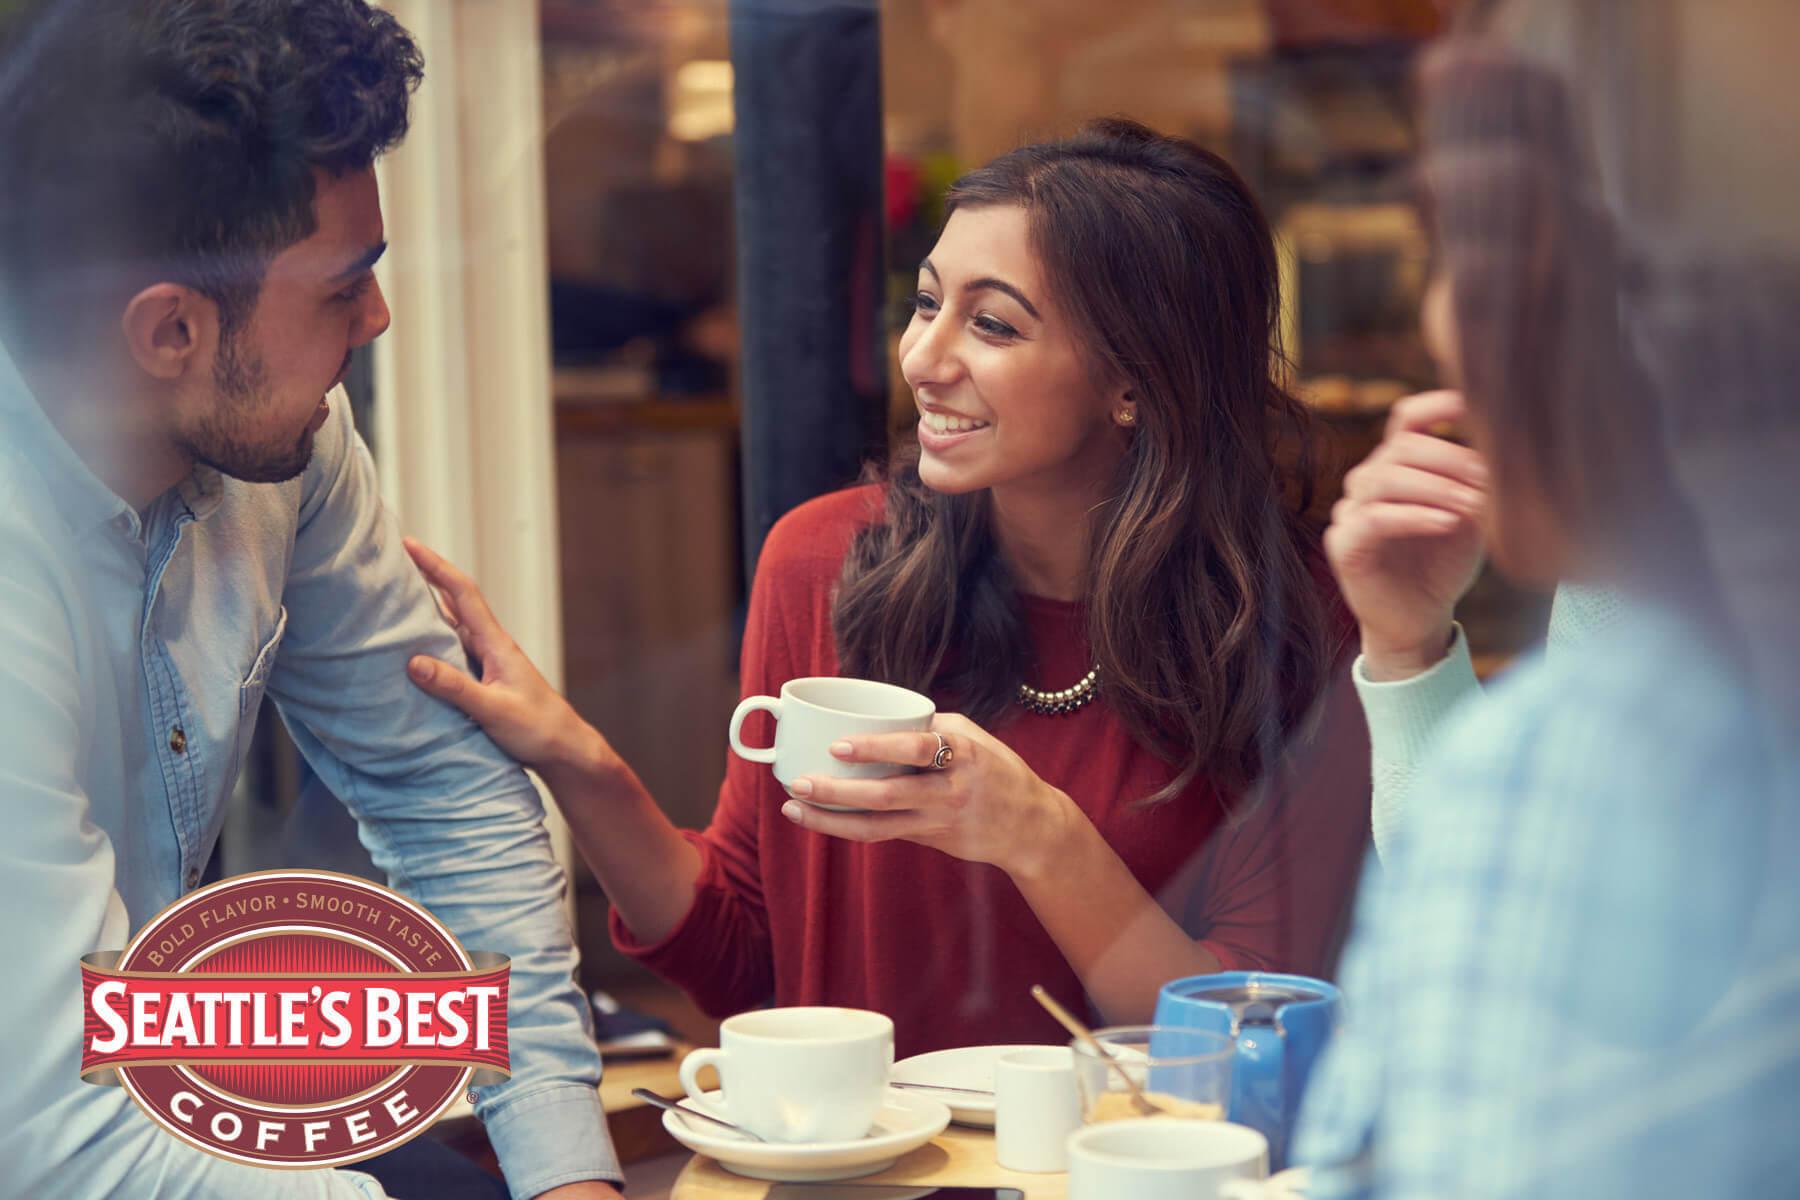 Perk Place - The Best Coffee in Las Vegas, NV | Westgate Las Vegas Resort & Casino | Westgate Resorts